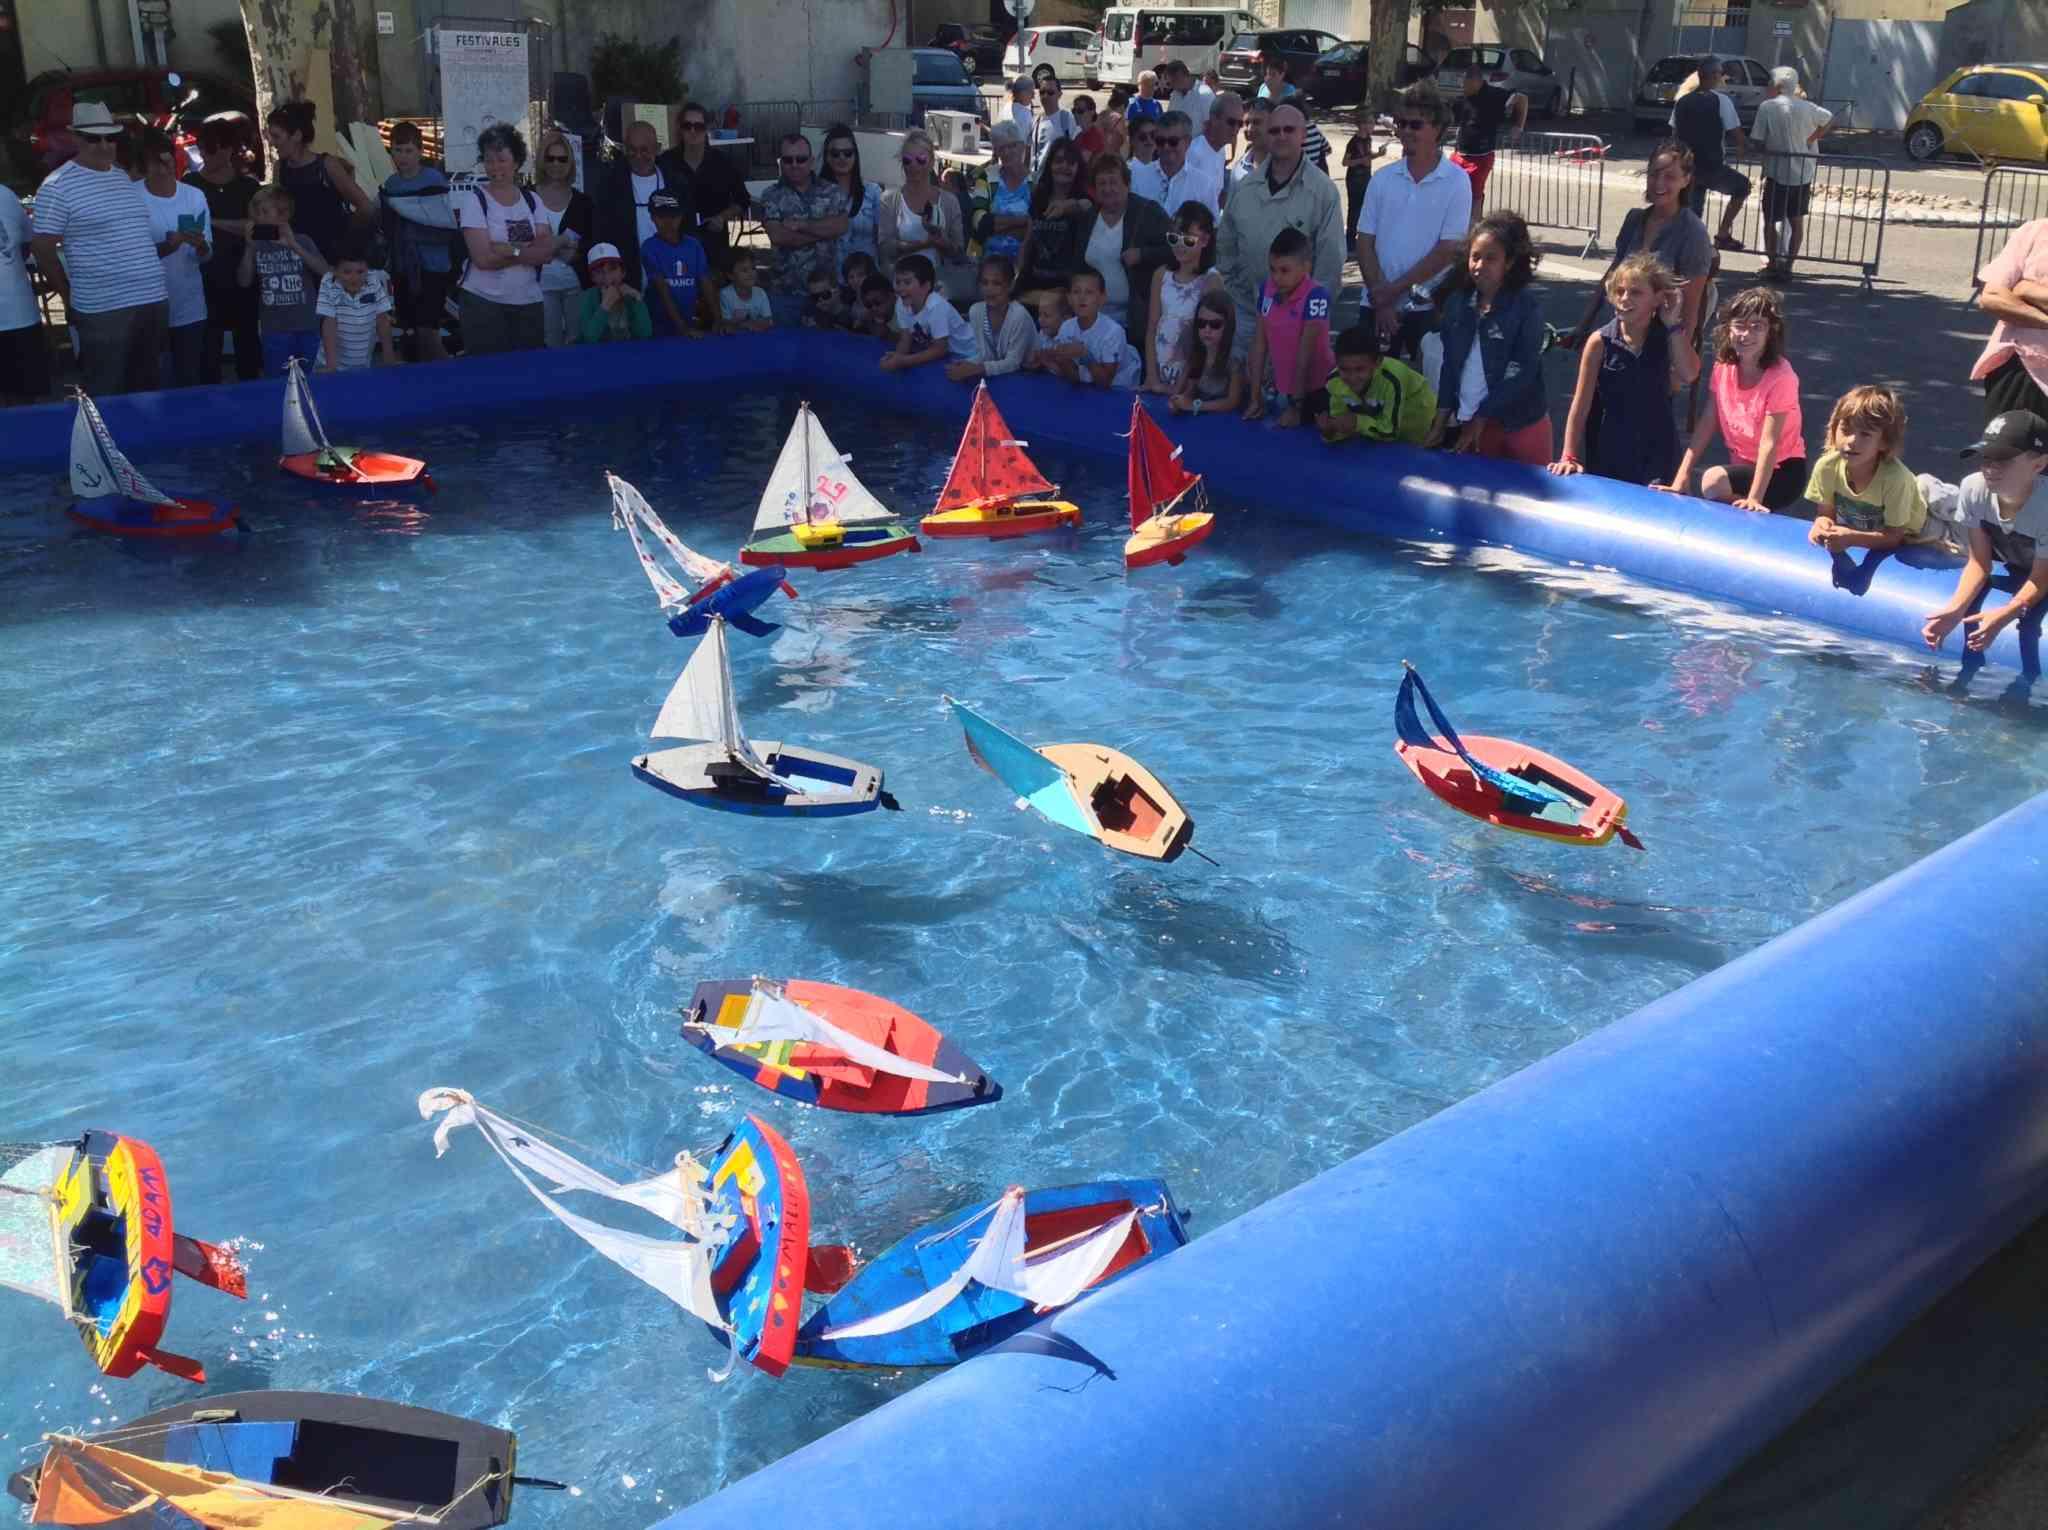 une piscine et des bateaux radiocommandés